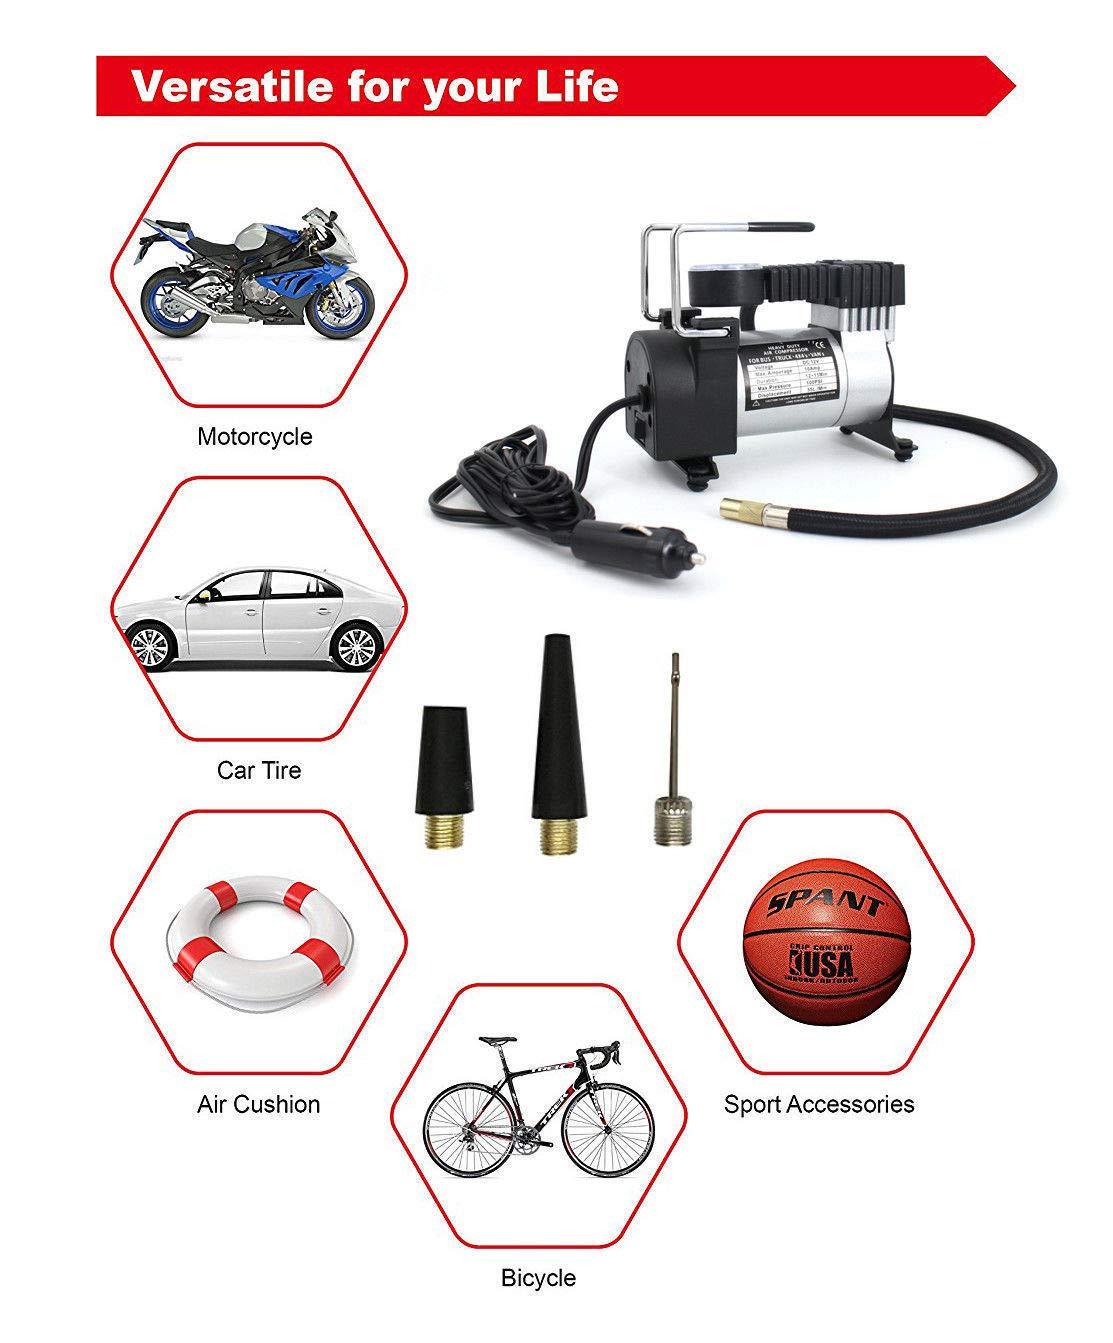 Amazon.com: TG888 Digital Air Inflator Pump Compressor Heavy Duty 12V 100PSI Car Truck Tire Soccer: Home Improvement